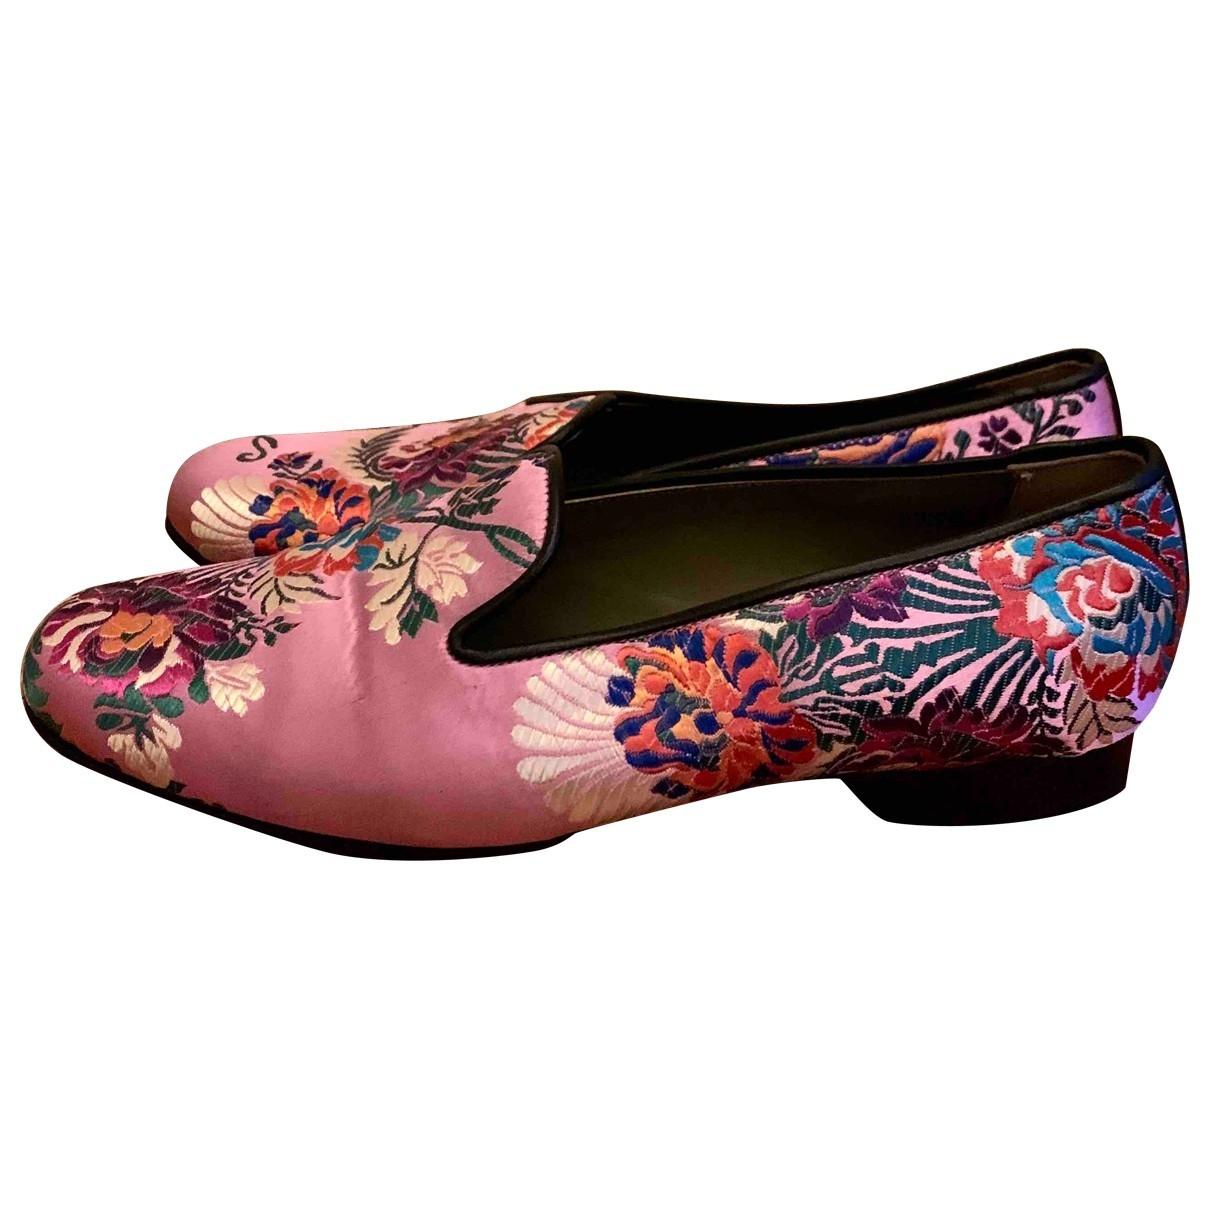 Penelope Chilvers - Mocassins   pour femme en toile - rose